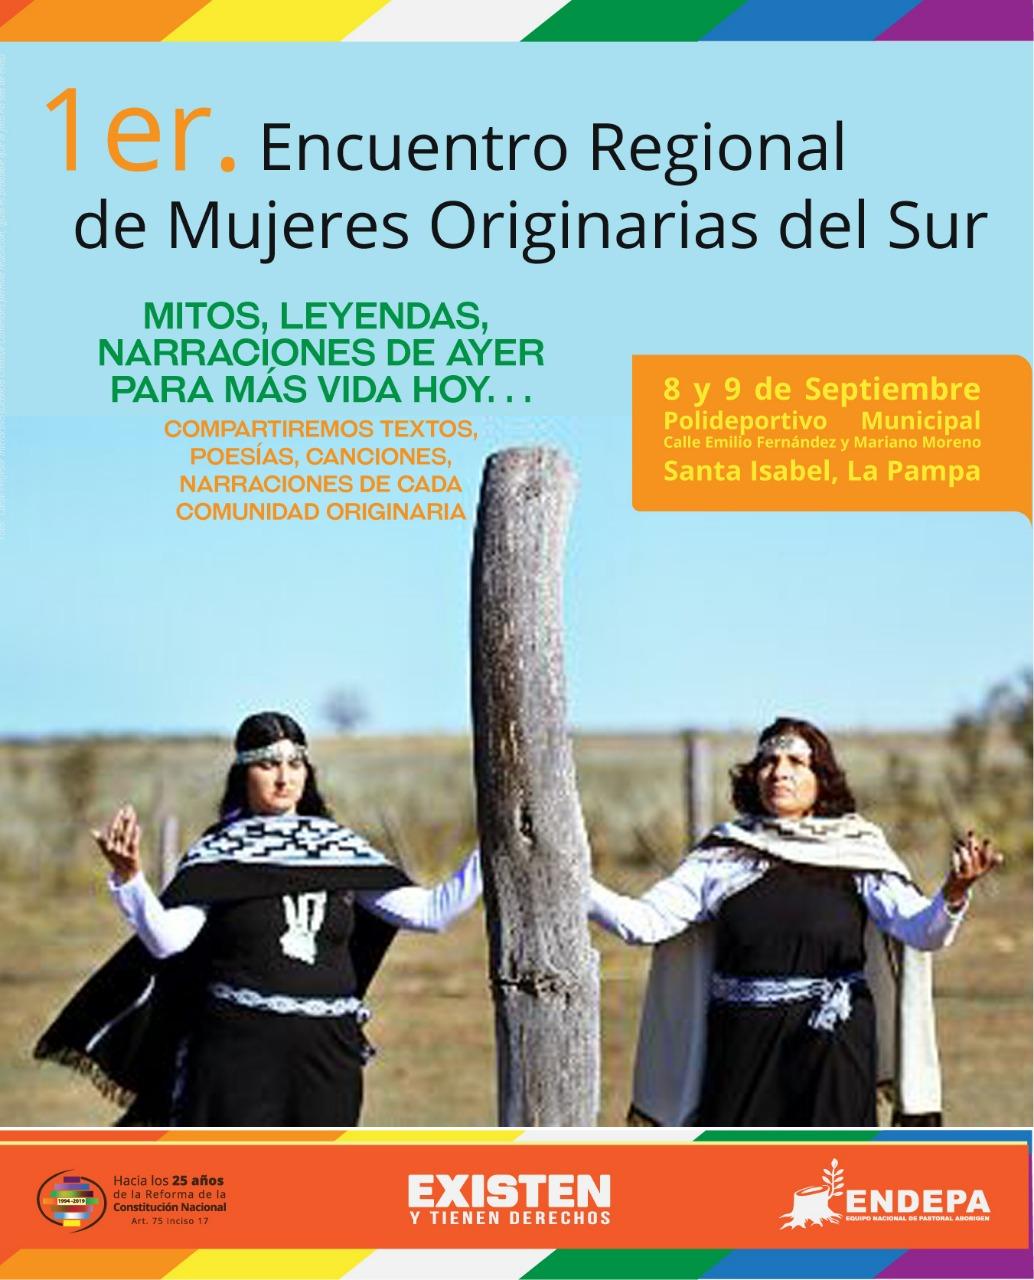 Encuentro de mujeres originarias [PUNIQRANDLINE-(au-dating-names.txt) 41